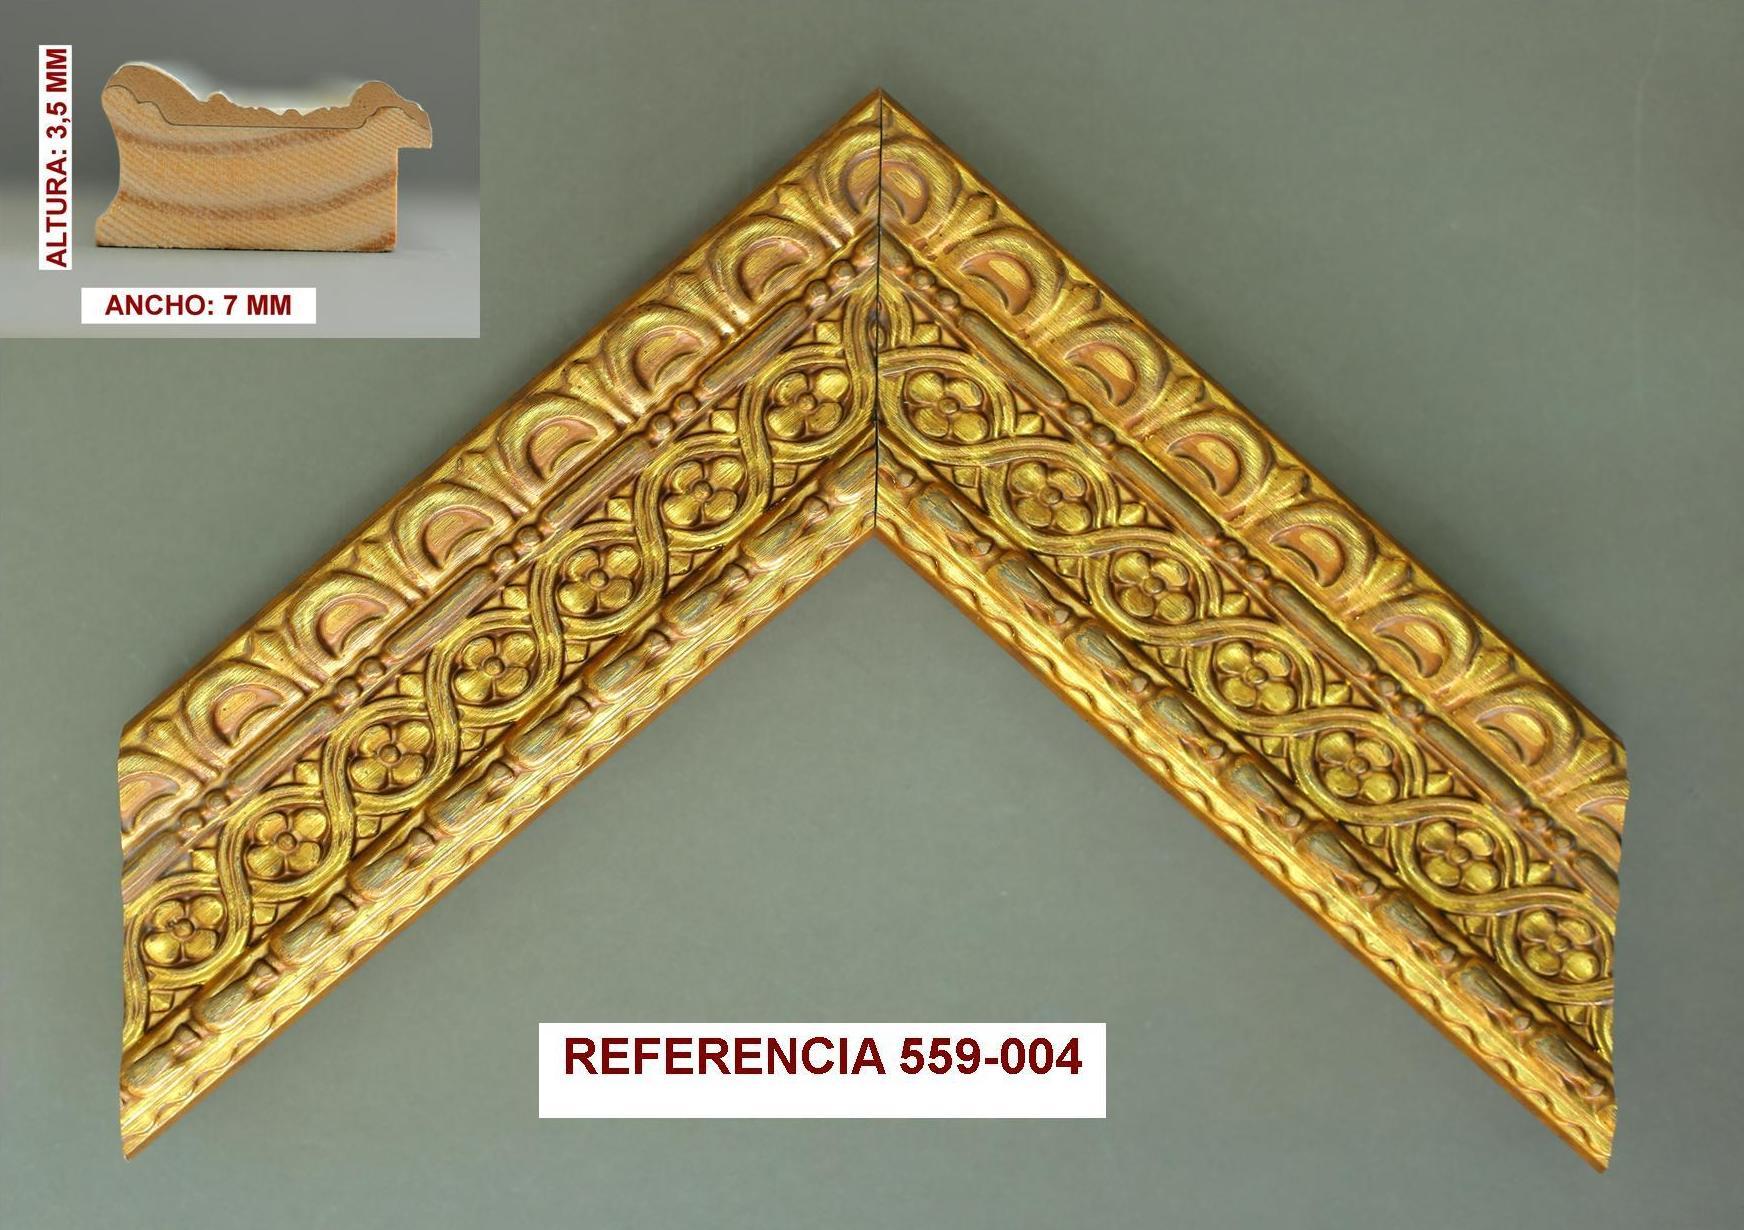 REF 559-004: Muestrario de Moldusevilla